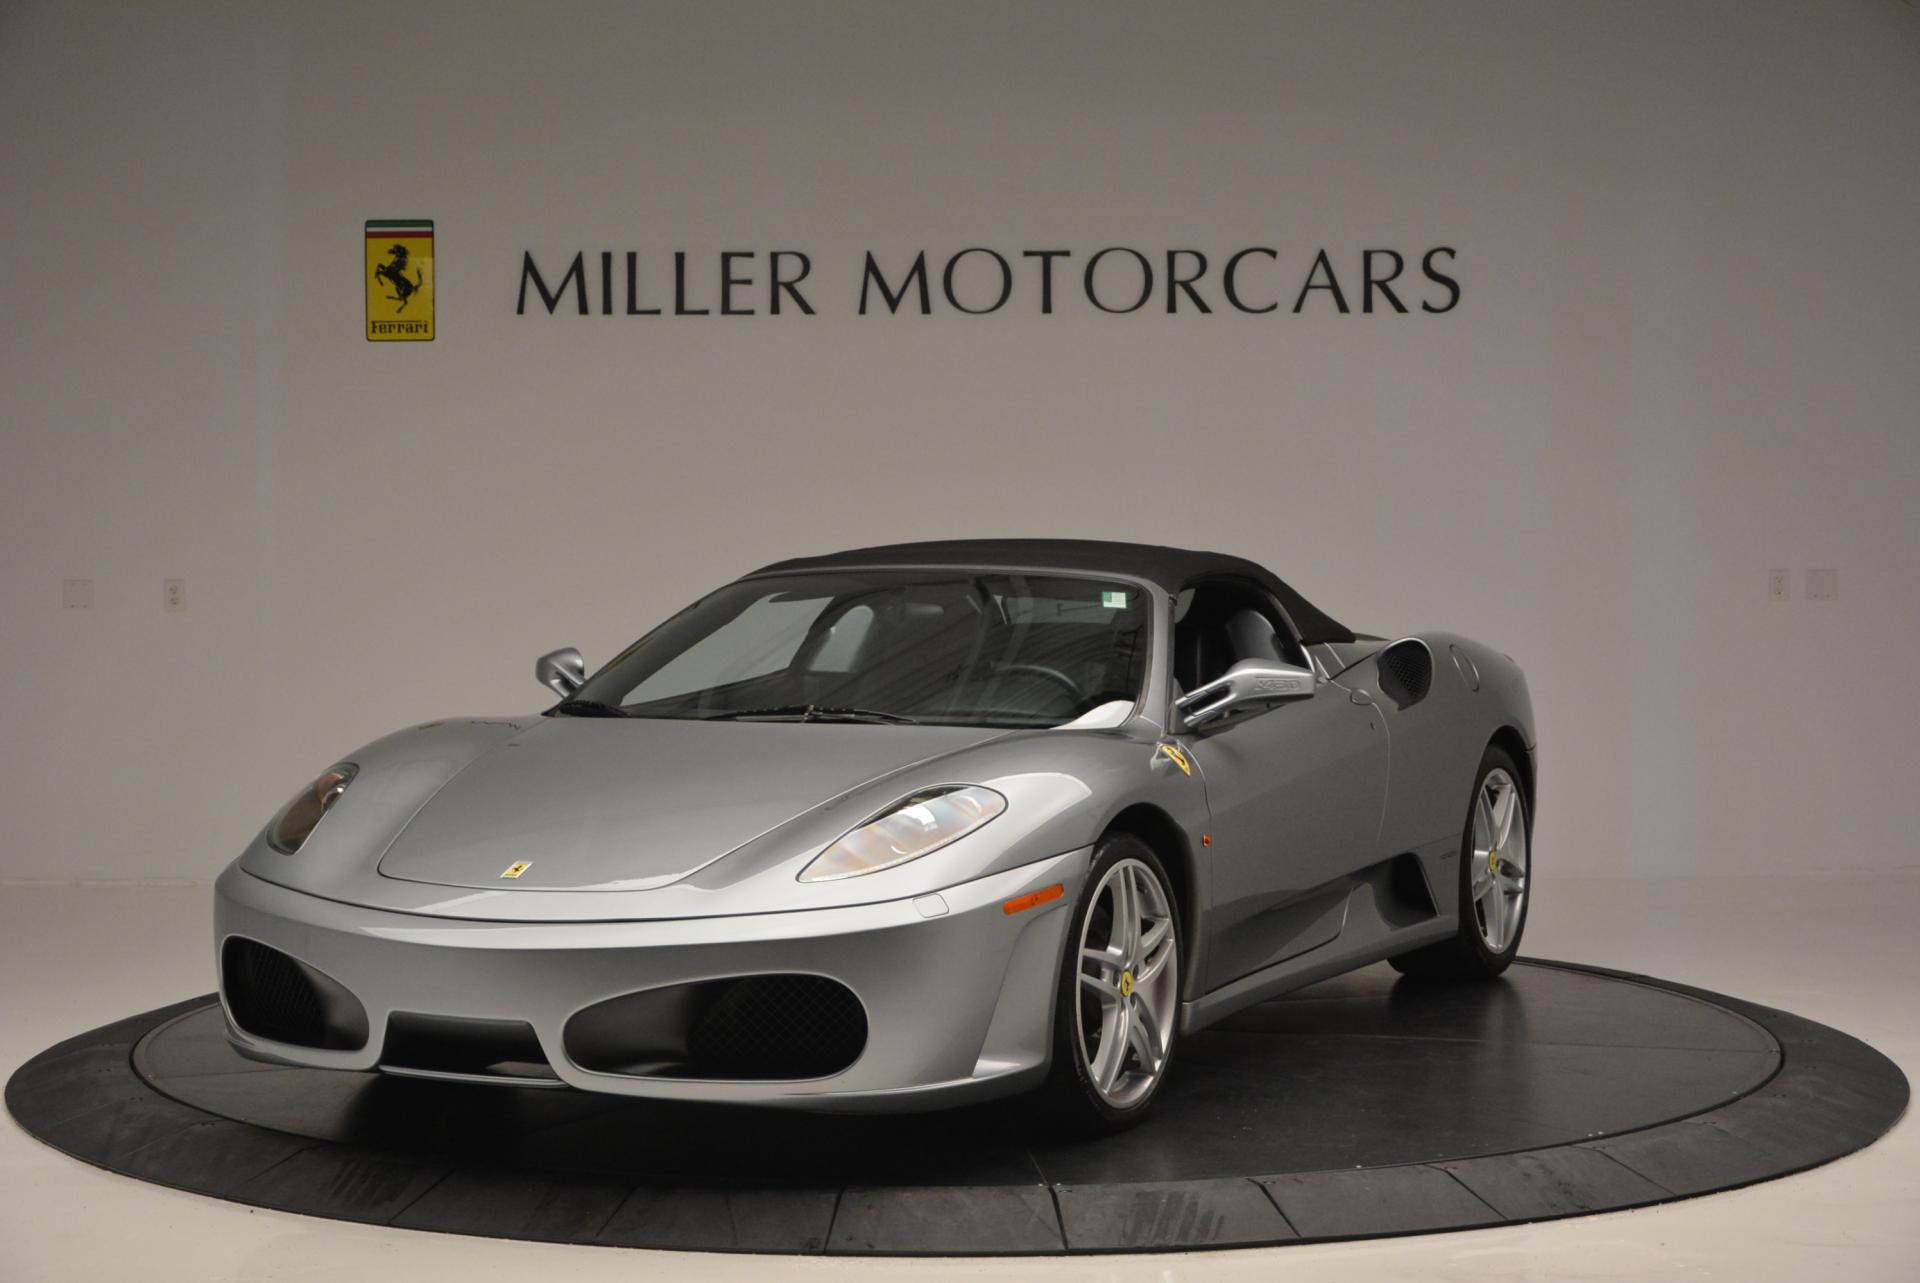 Used 2005 Ferrari F430 Spider For Sale In Greenwich, CT. Alfa Romeo of Greenwich, 4319 150_p13